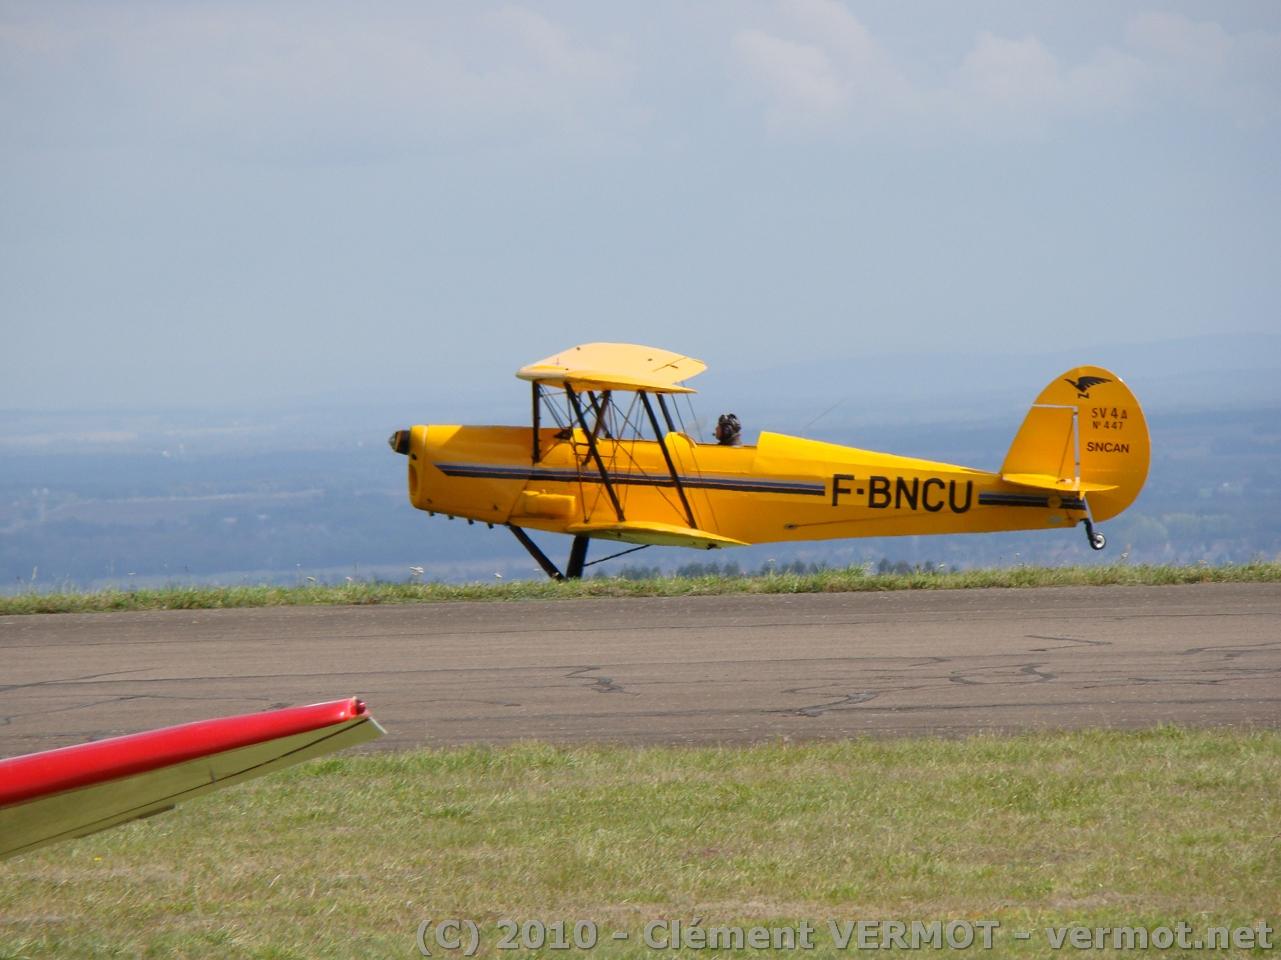 Le Stampe SV4A n°447 à l'atterrissage